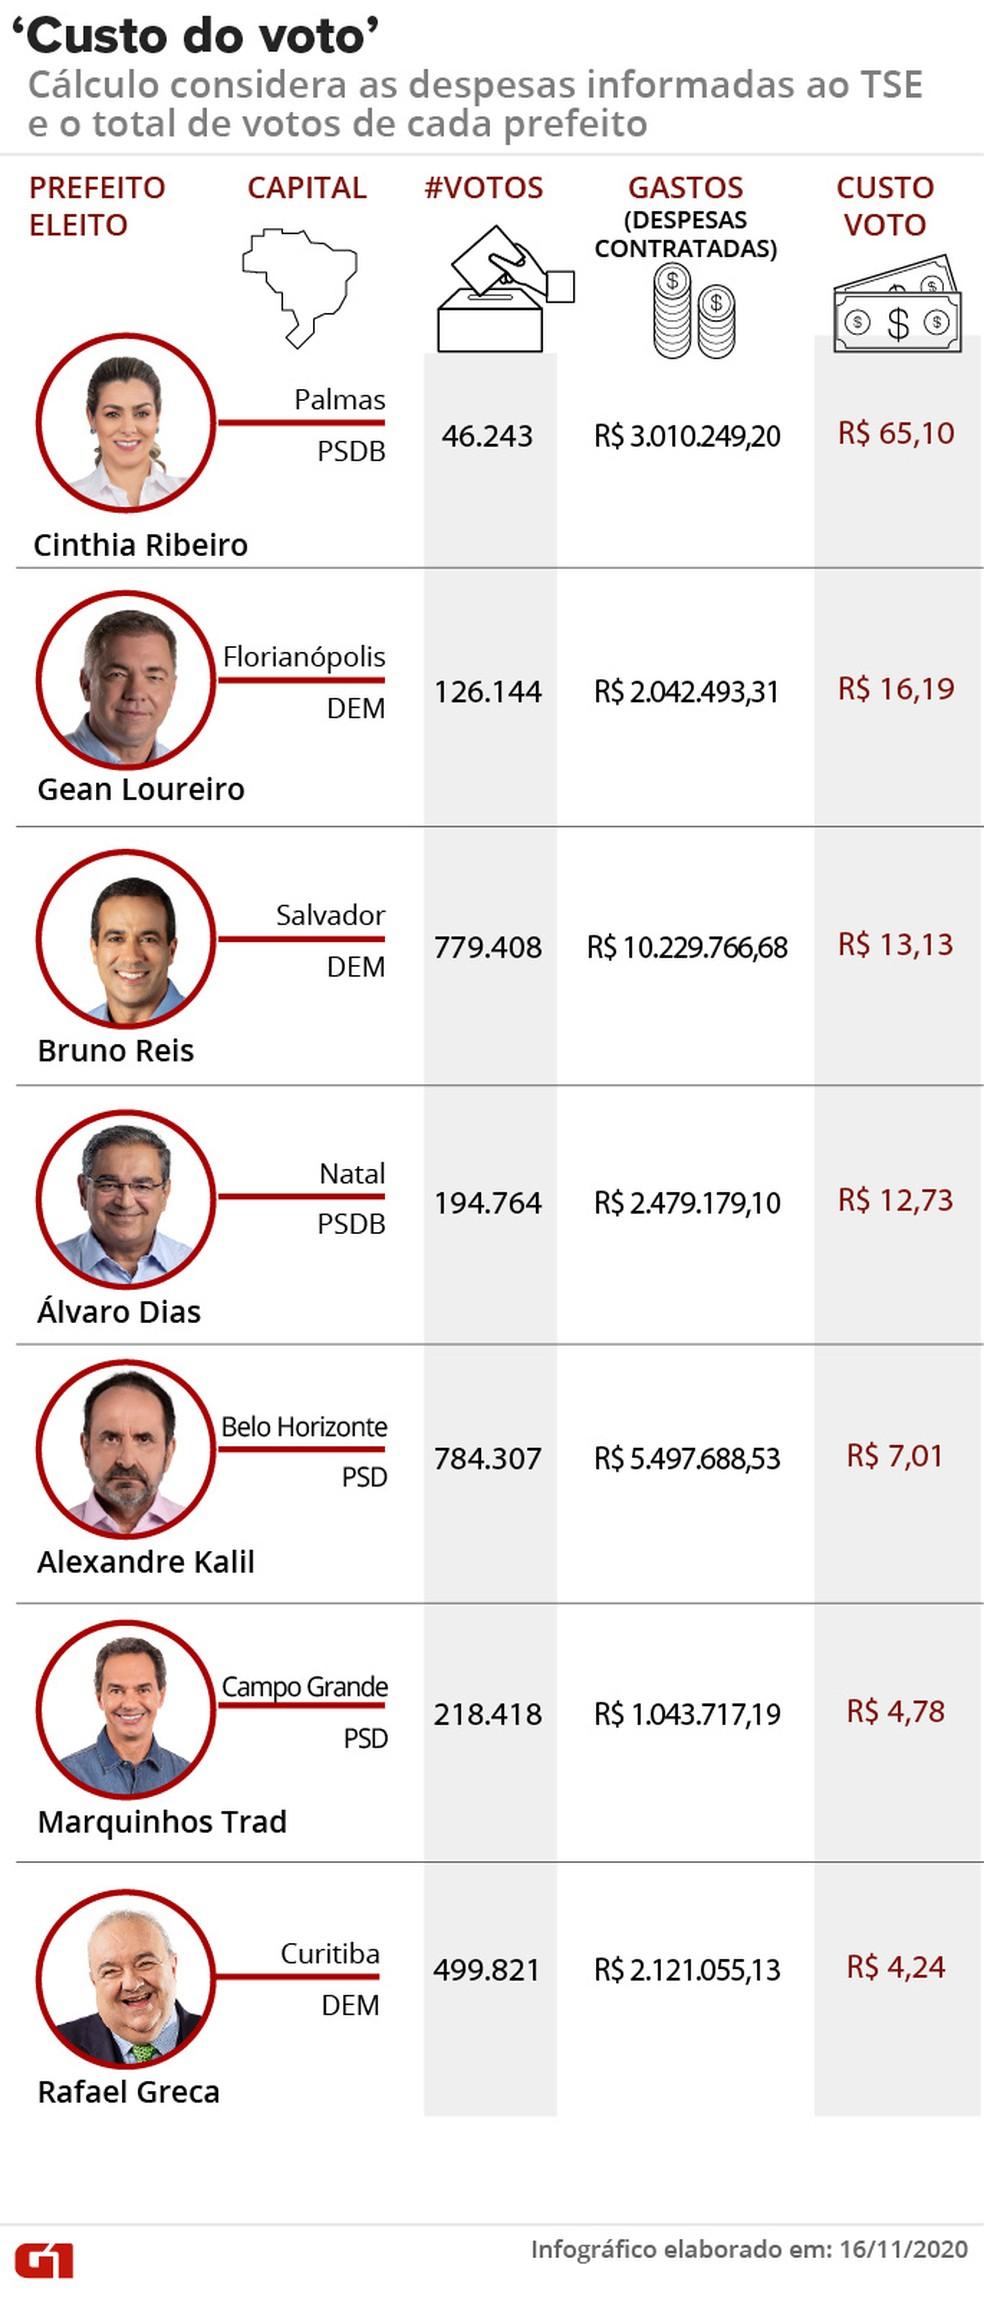 Infográfico mostra o 'custo do voto' de cada prefeito de capital eleito em primeiro turno nas eleições de 2020. — Foto: Wagner Magalhães/G1